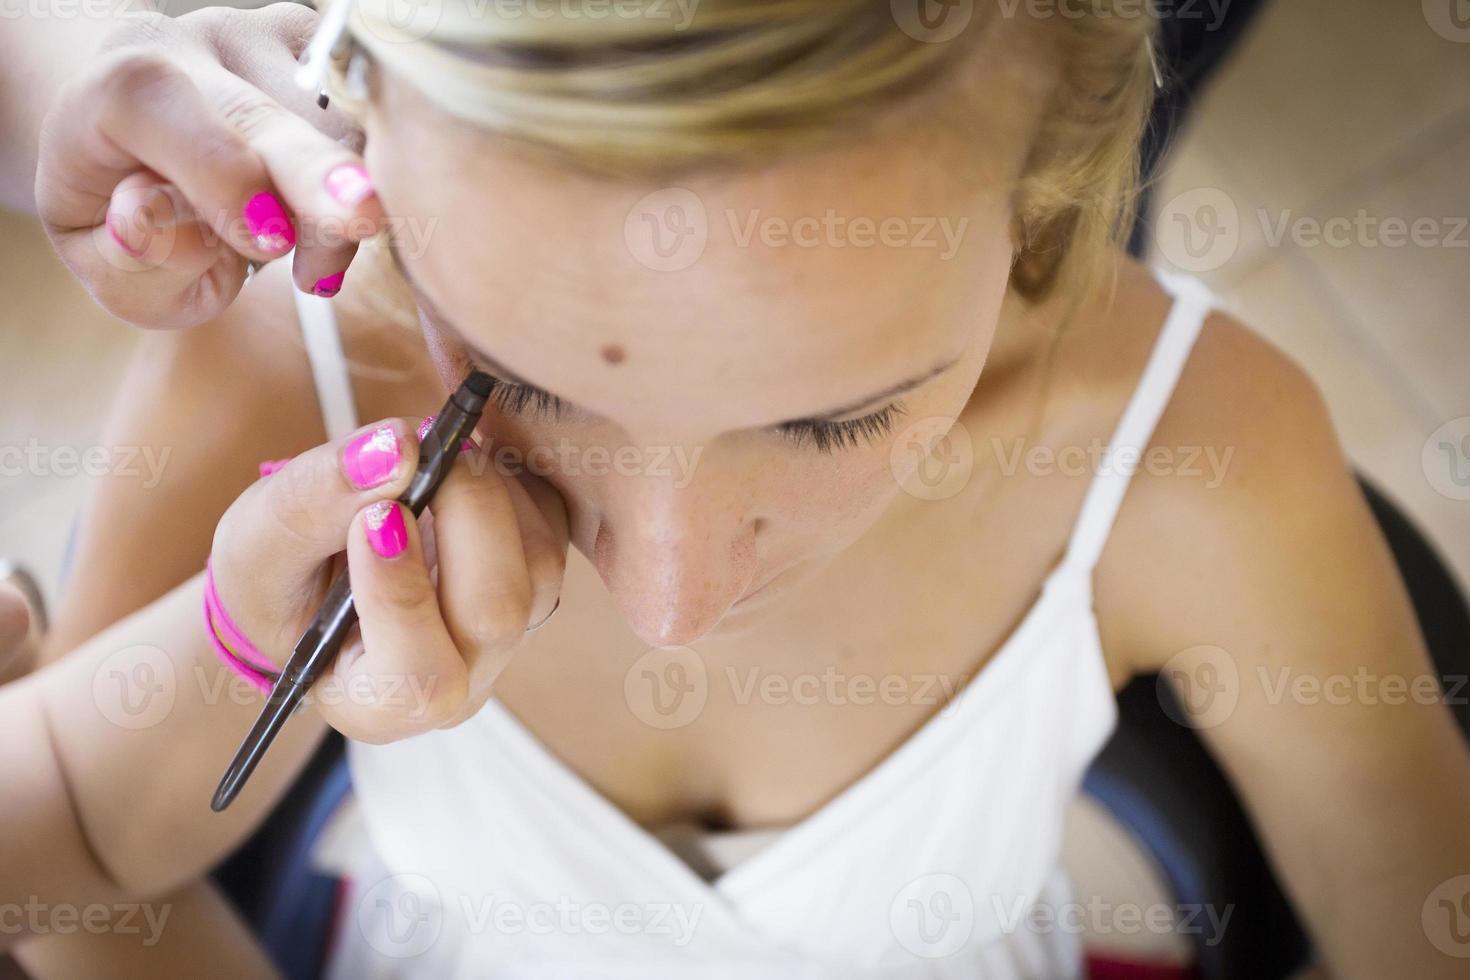 maquillage de mariée photo